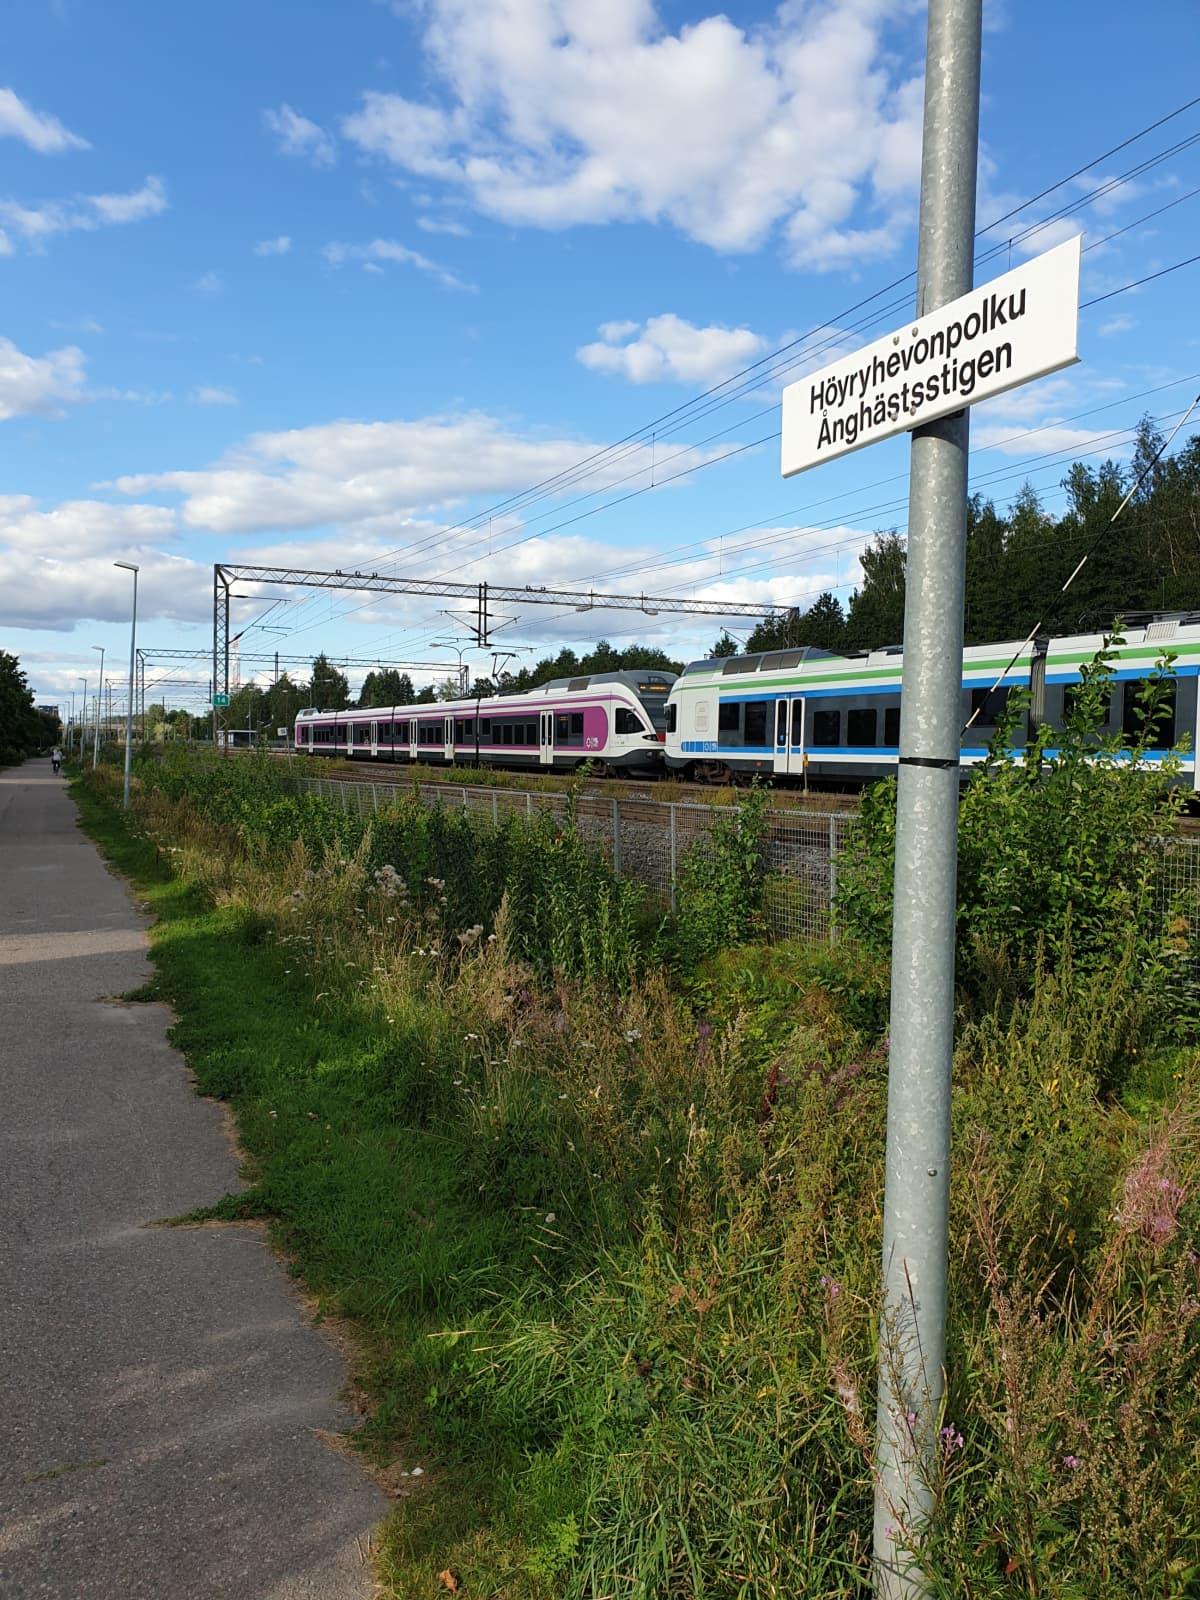 Katukyltti, jossa lukee Höyryhevonpolku. Taustalla junia.